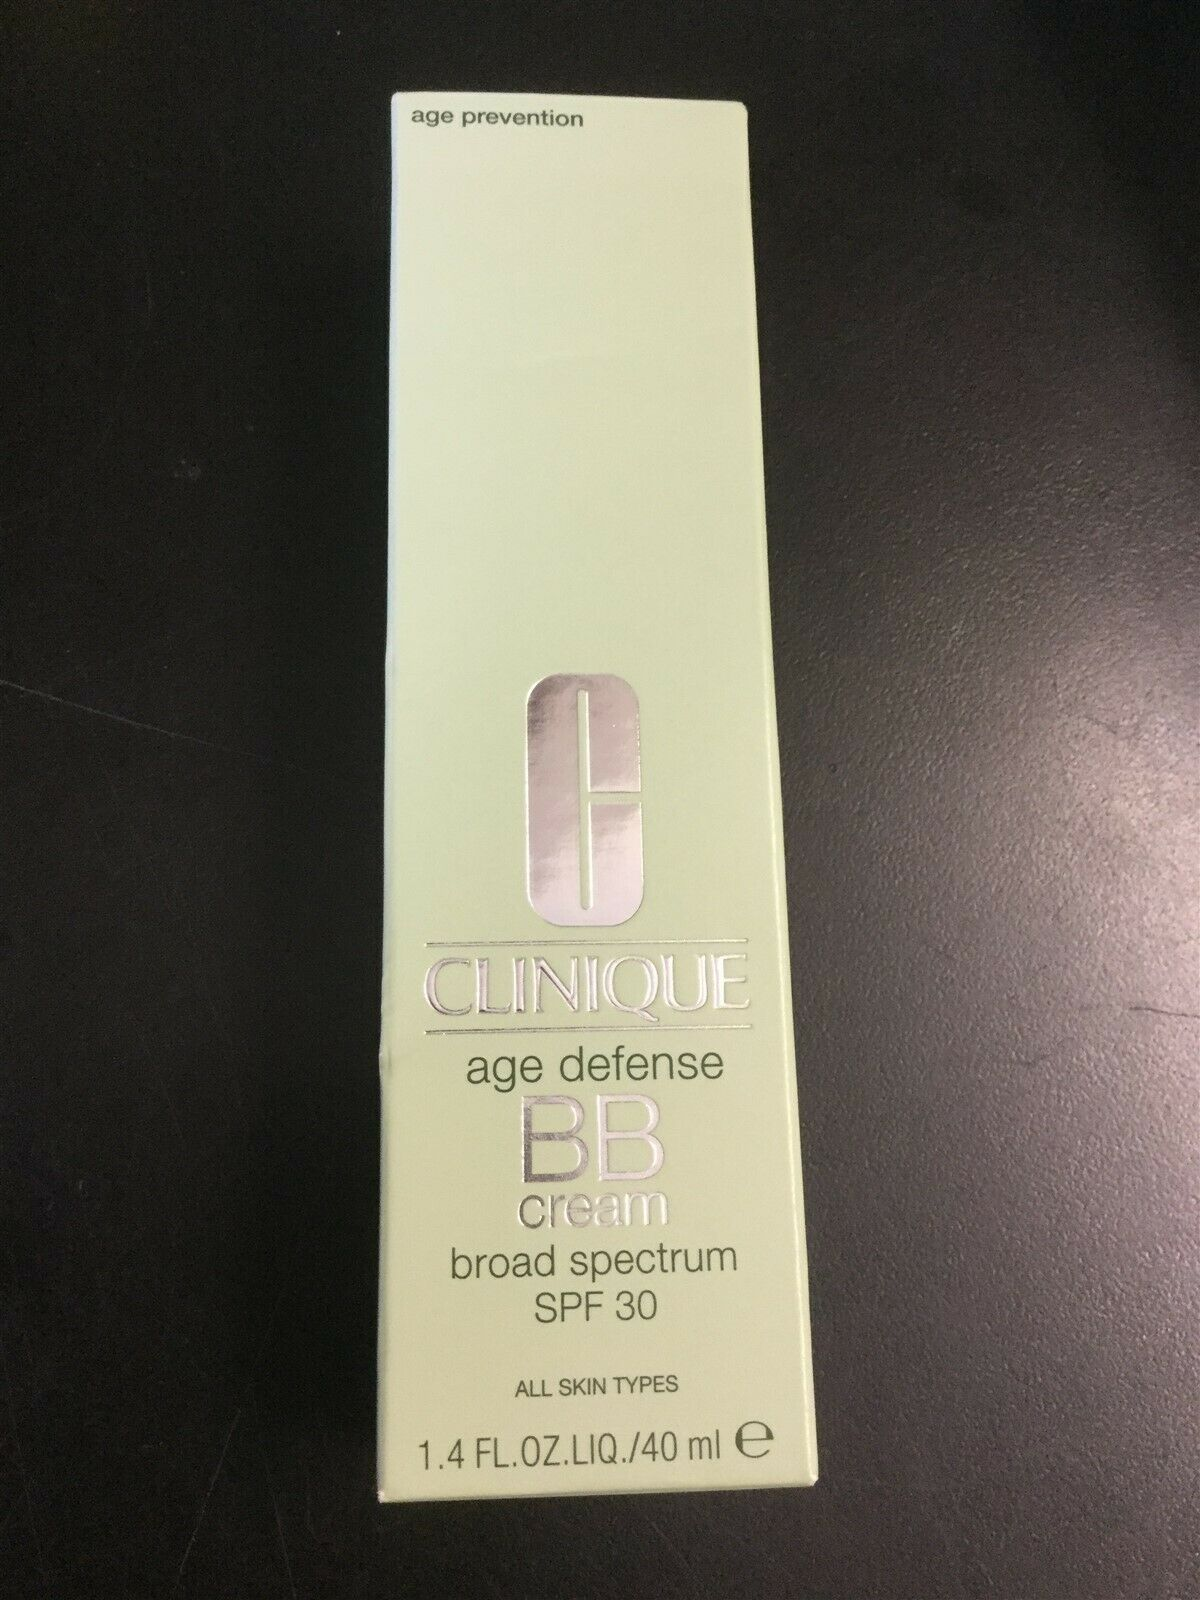 Clinique Age Defense BB Cream Broad Spectrum Spf 30 Shade fo